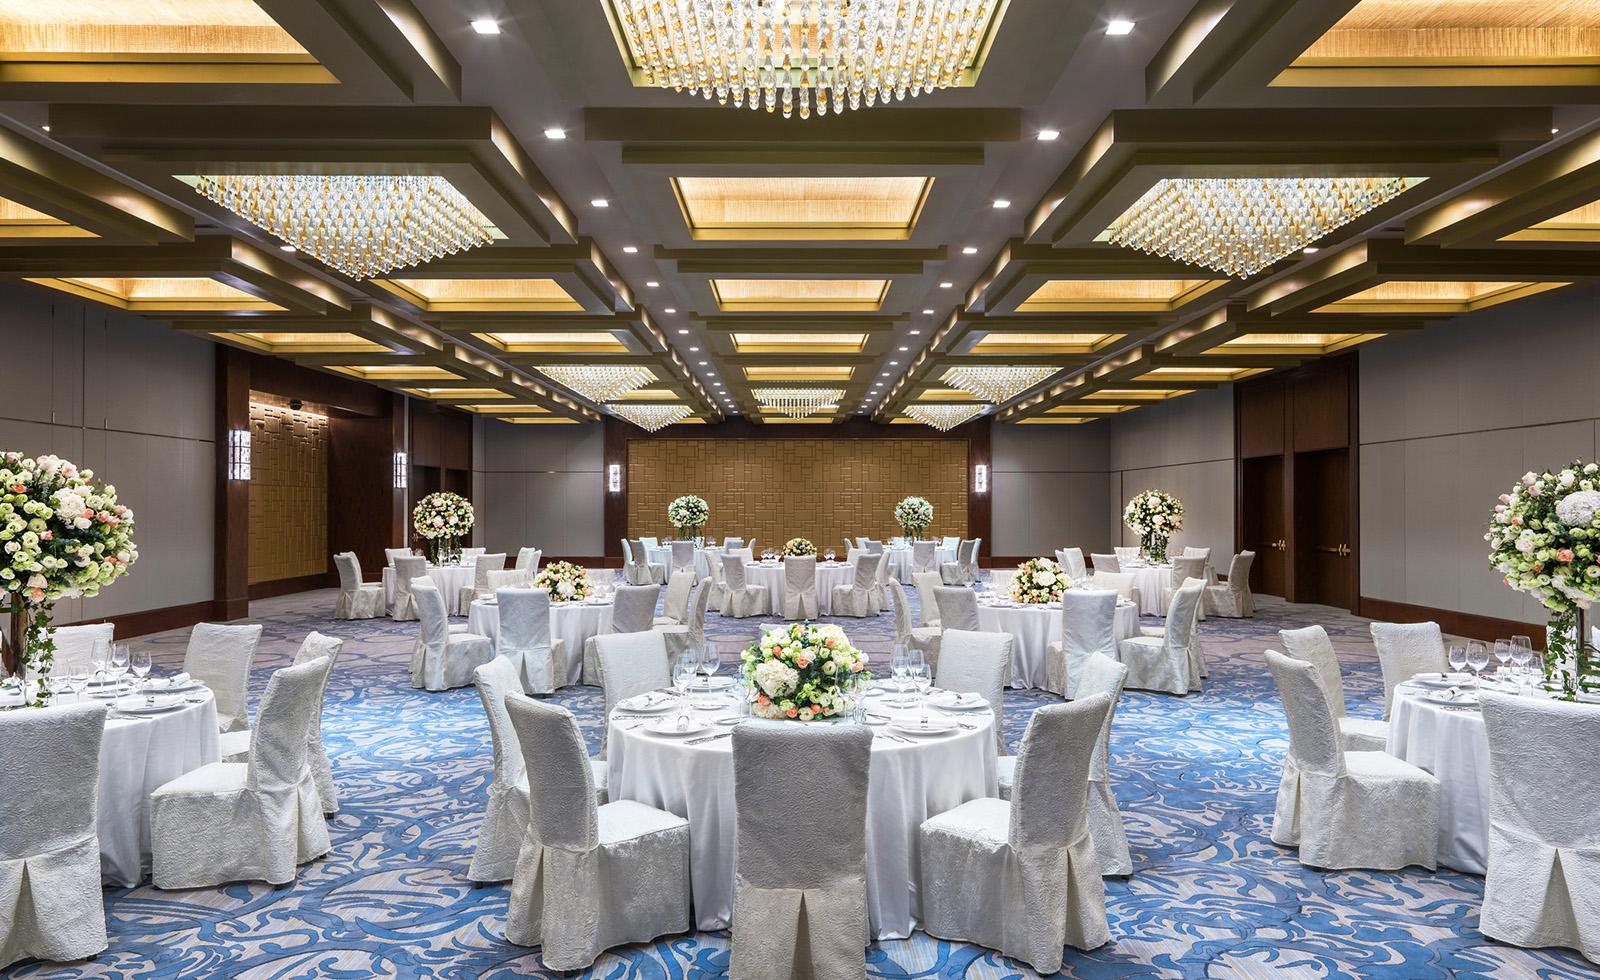 Astor Ballroom, banquet setup